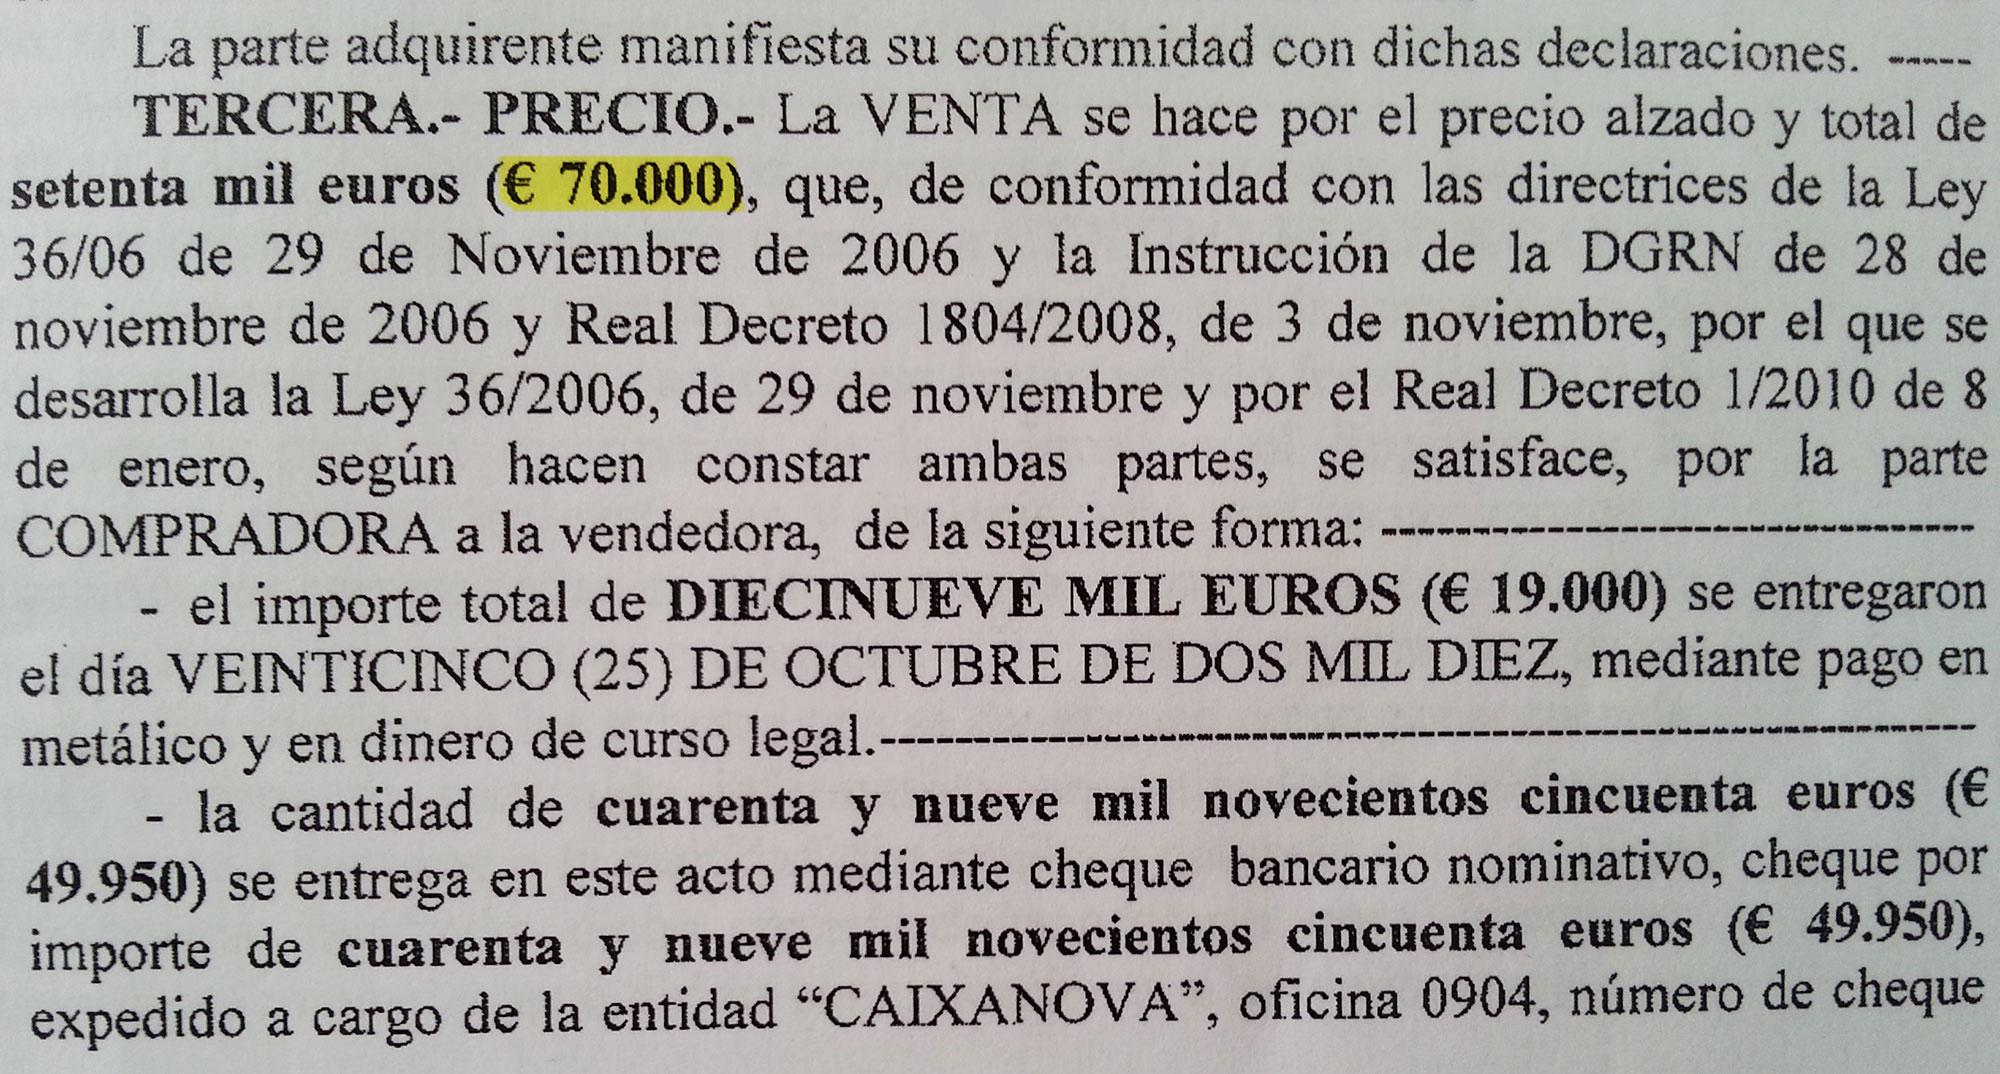 Хозяева продавали квартиру за 70 000€, а покупателям пришлось заплатить 87 000€